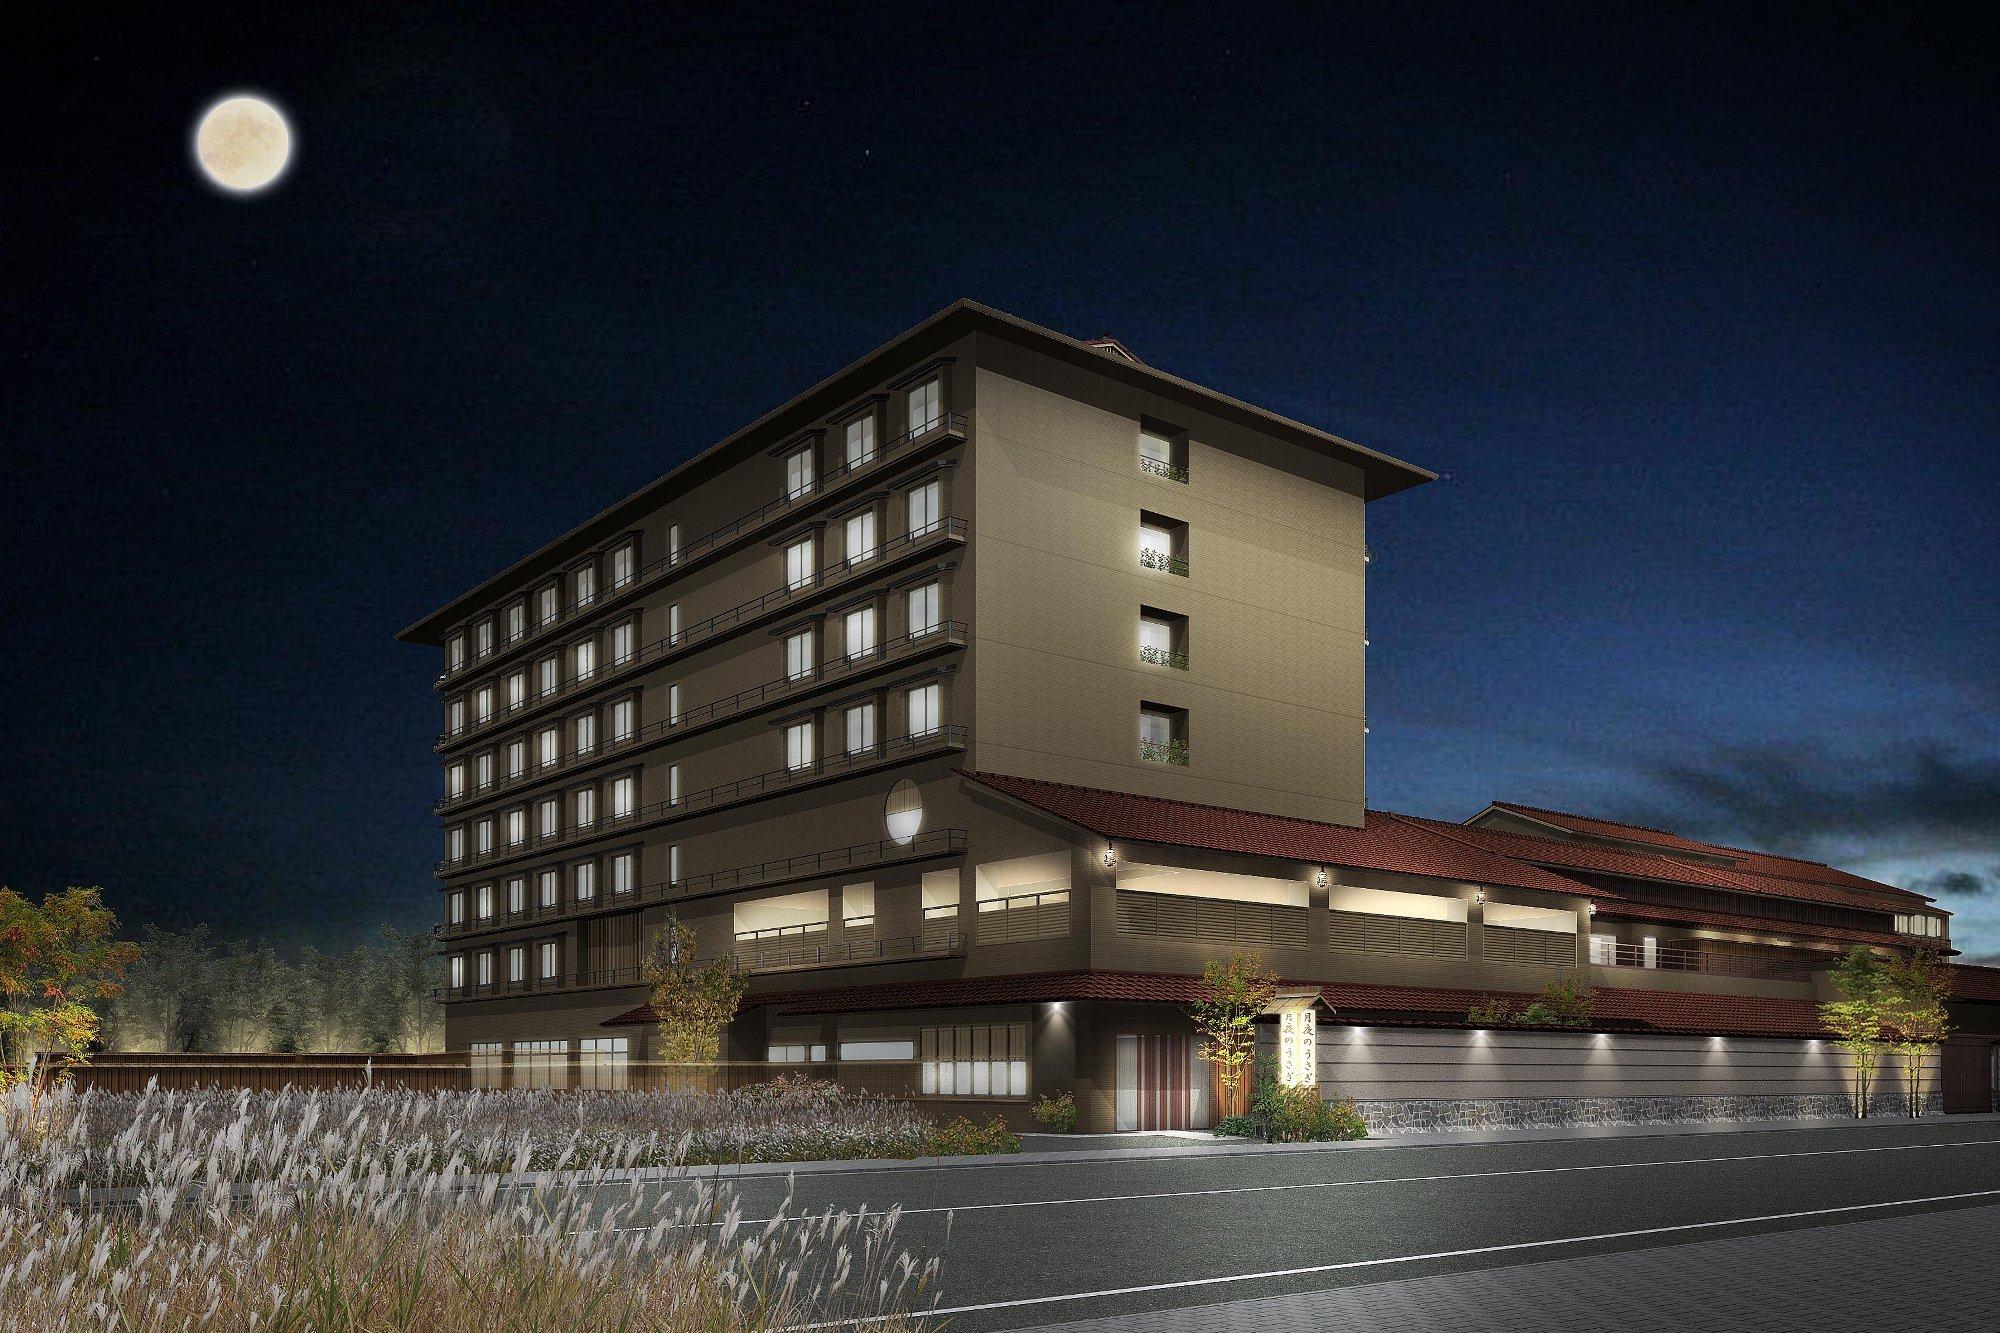 出雲大社至近の地に、滞在型本格リゾート誕生 利用者ニーズにあわせ、異なるコンセプトの2棟を同時オープン 5月15日プレオープン、宿泊申込受付中